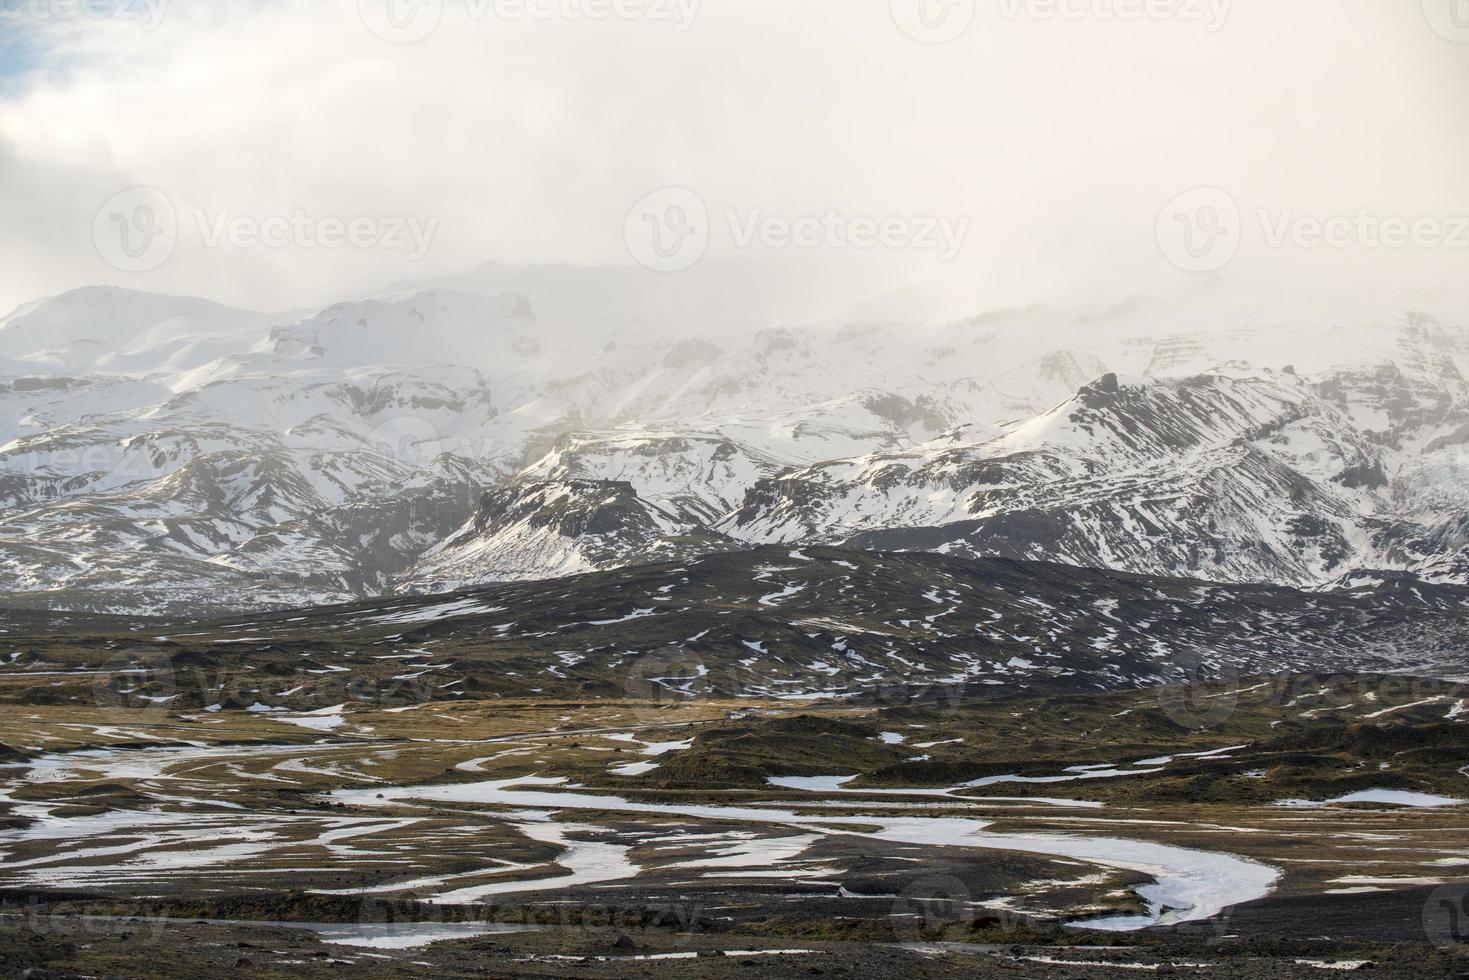 landschap met bergen en sneeuwstormwolken, winter, ijsland foto